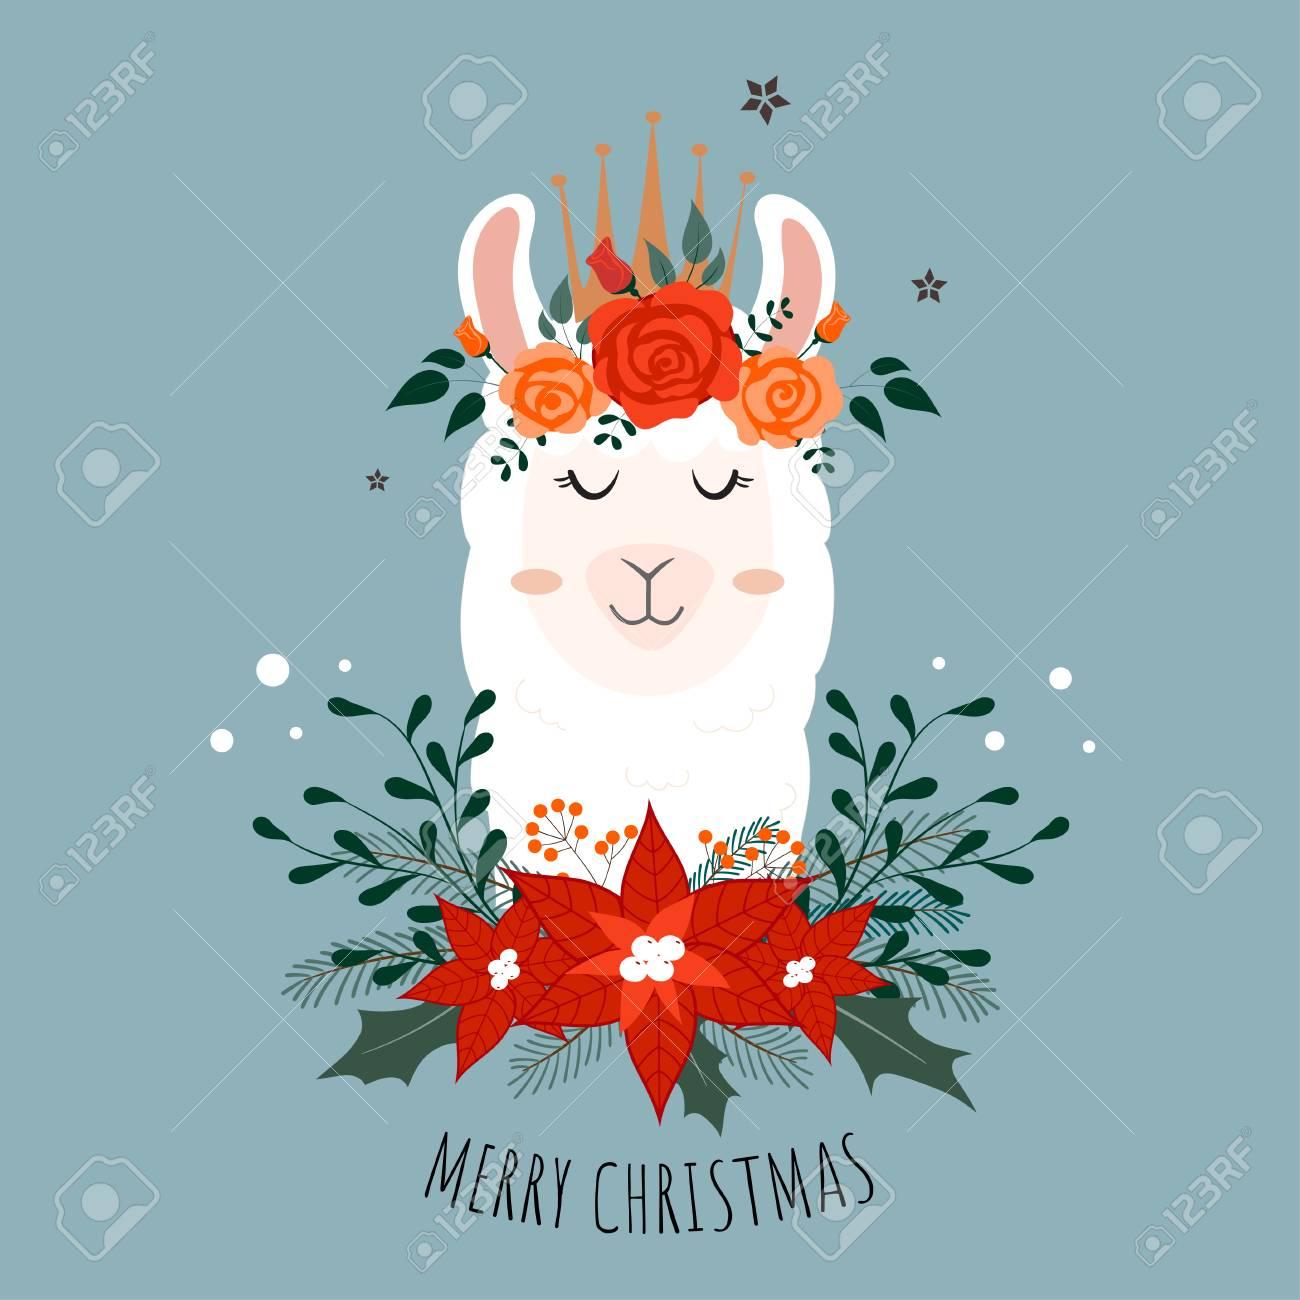 Christmas Llama.Cute Christmas Llama With Flower Crown